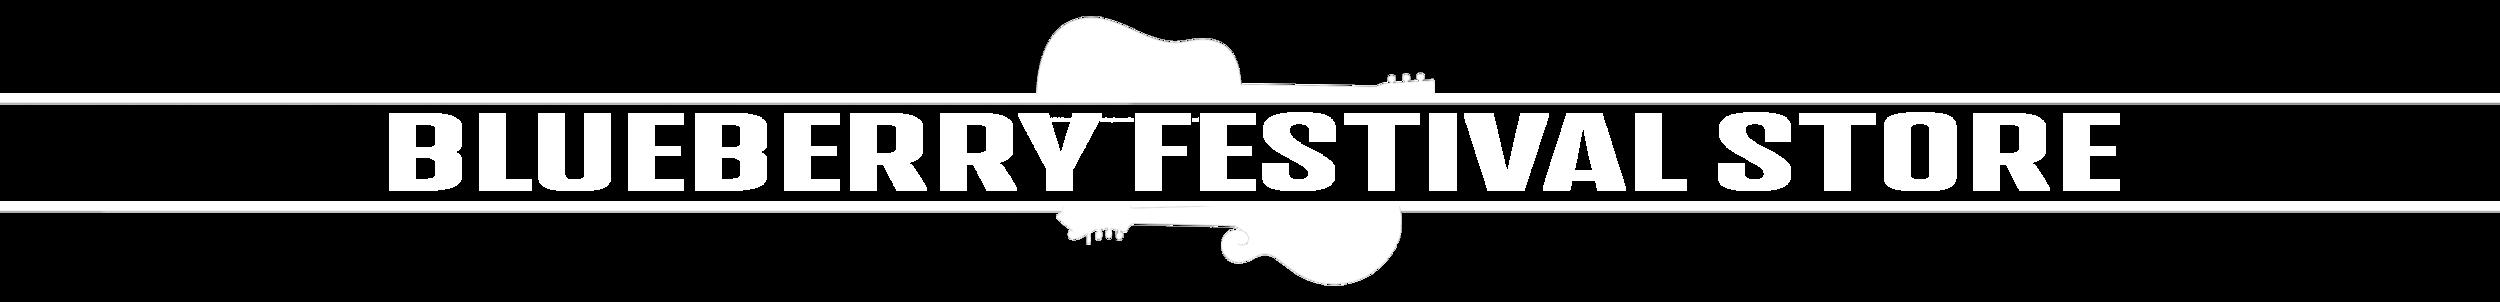 Blueberry Bluegrass Festival - Festival Store